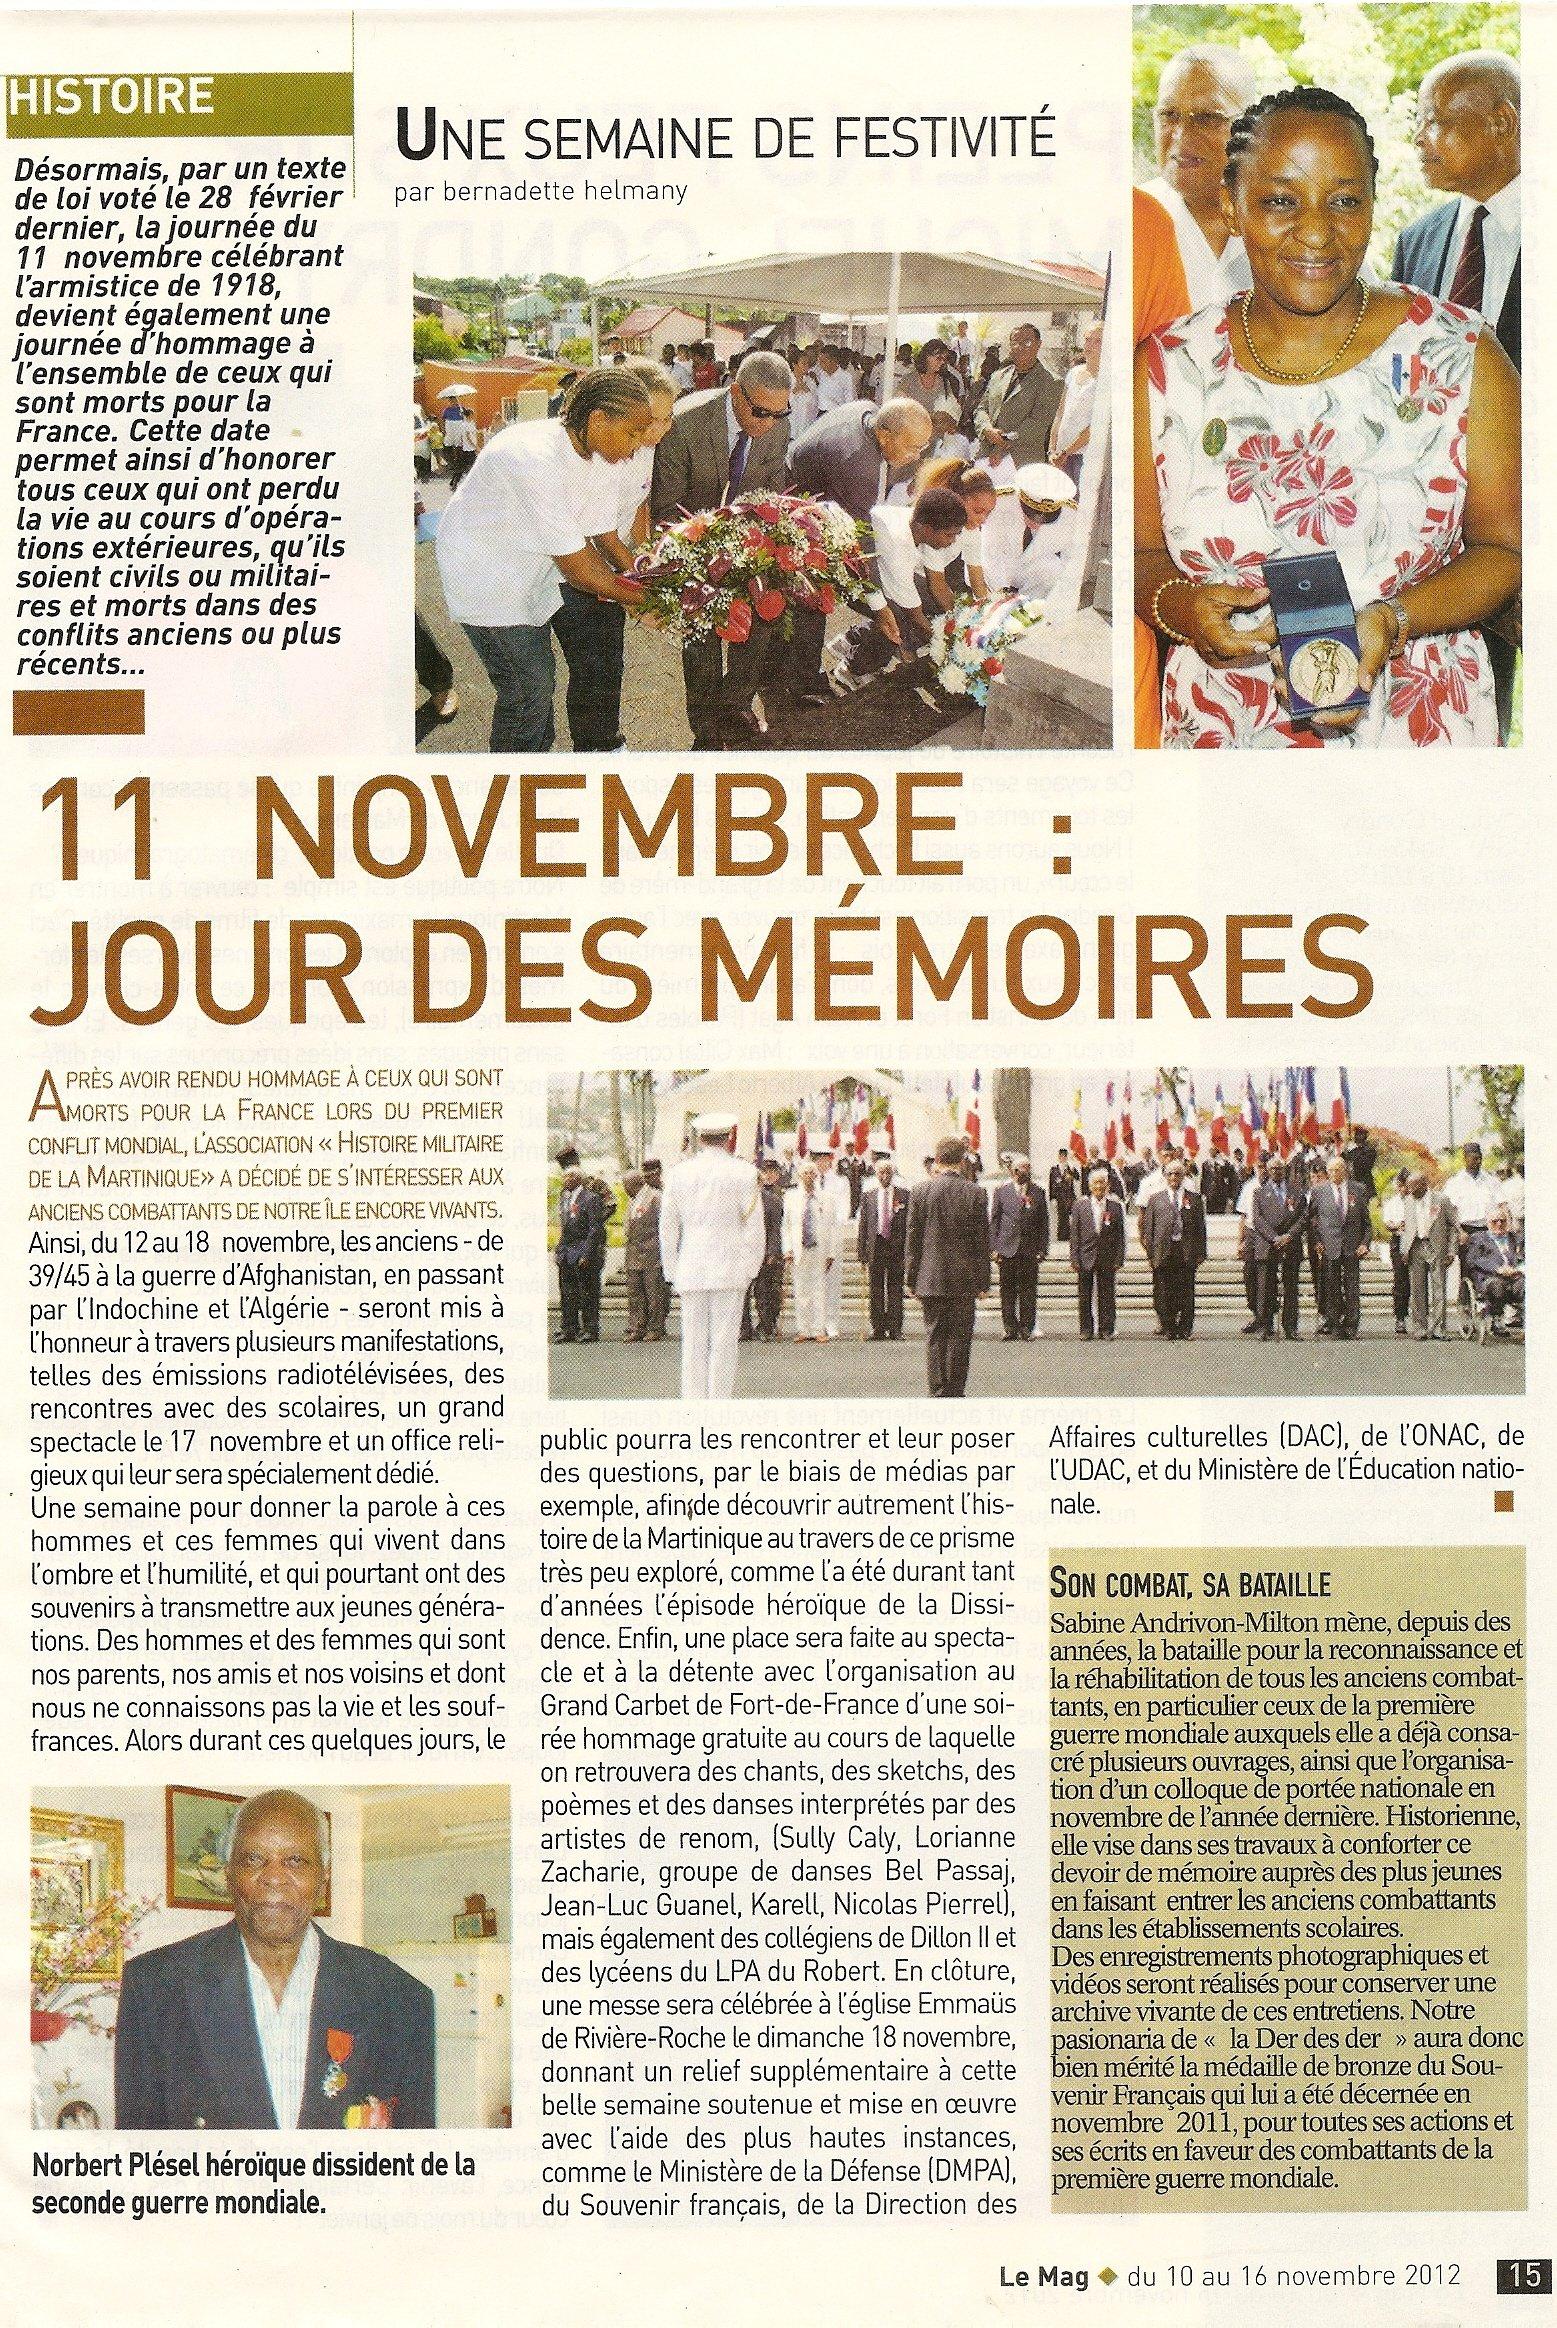 12-18 nov 2012, HOMMAGE AUX ANCIENS COMBATTANTS DE LA MARTINIQUE numerisation0001